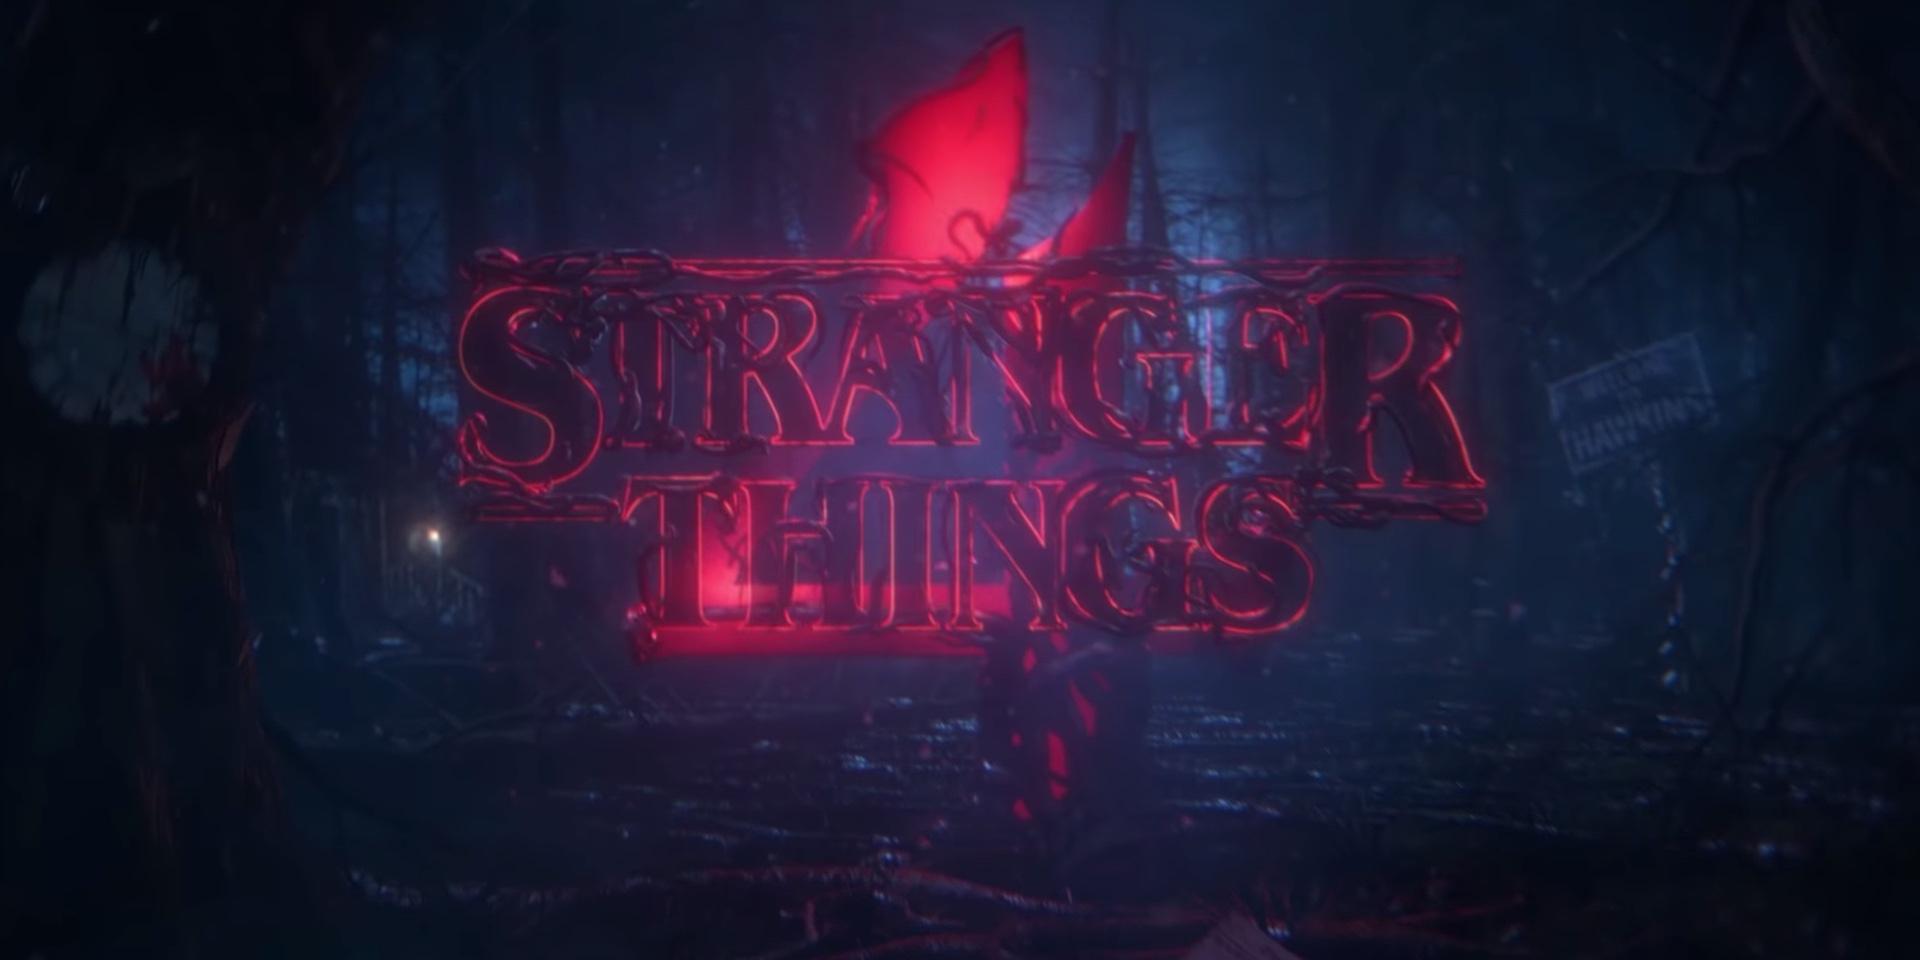 Вышел первый тизер четвертого сезона Stranger Things («Очень странные дела») от Netflix